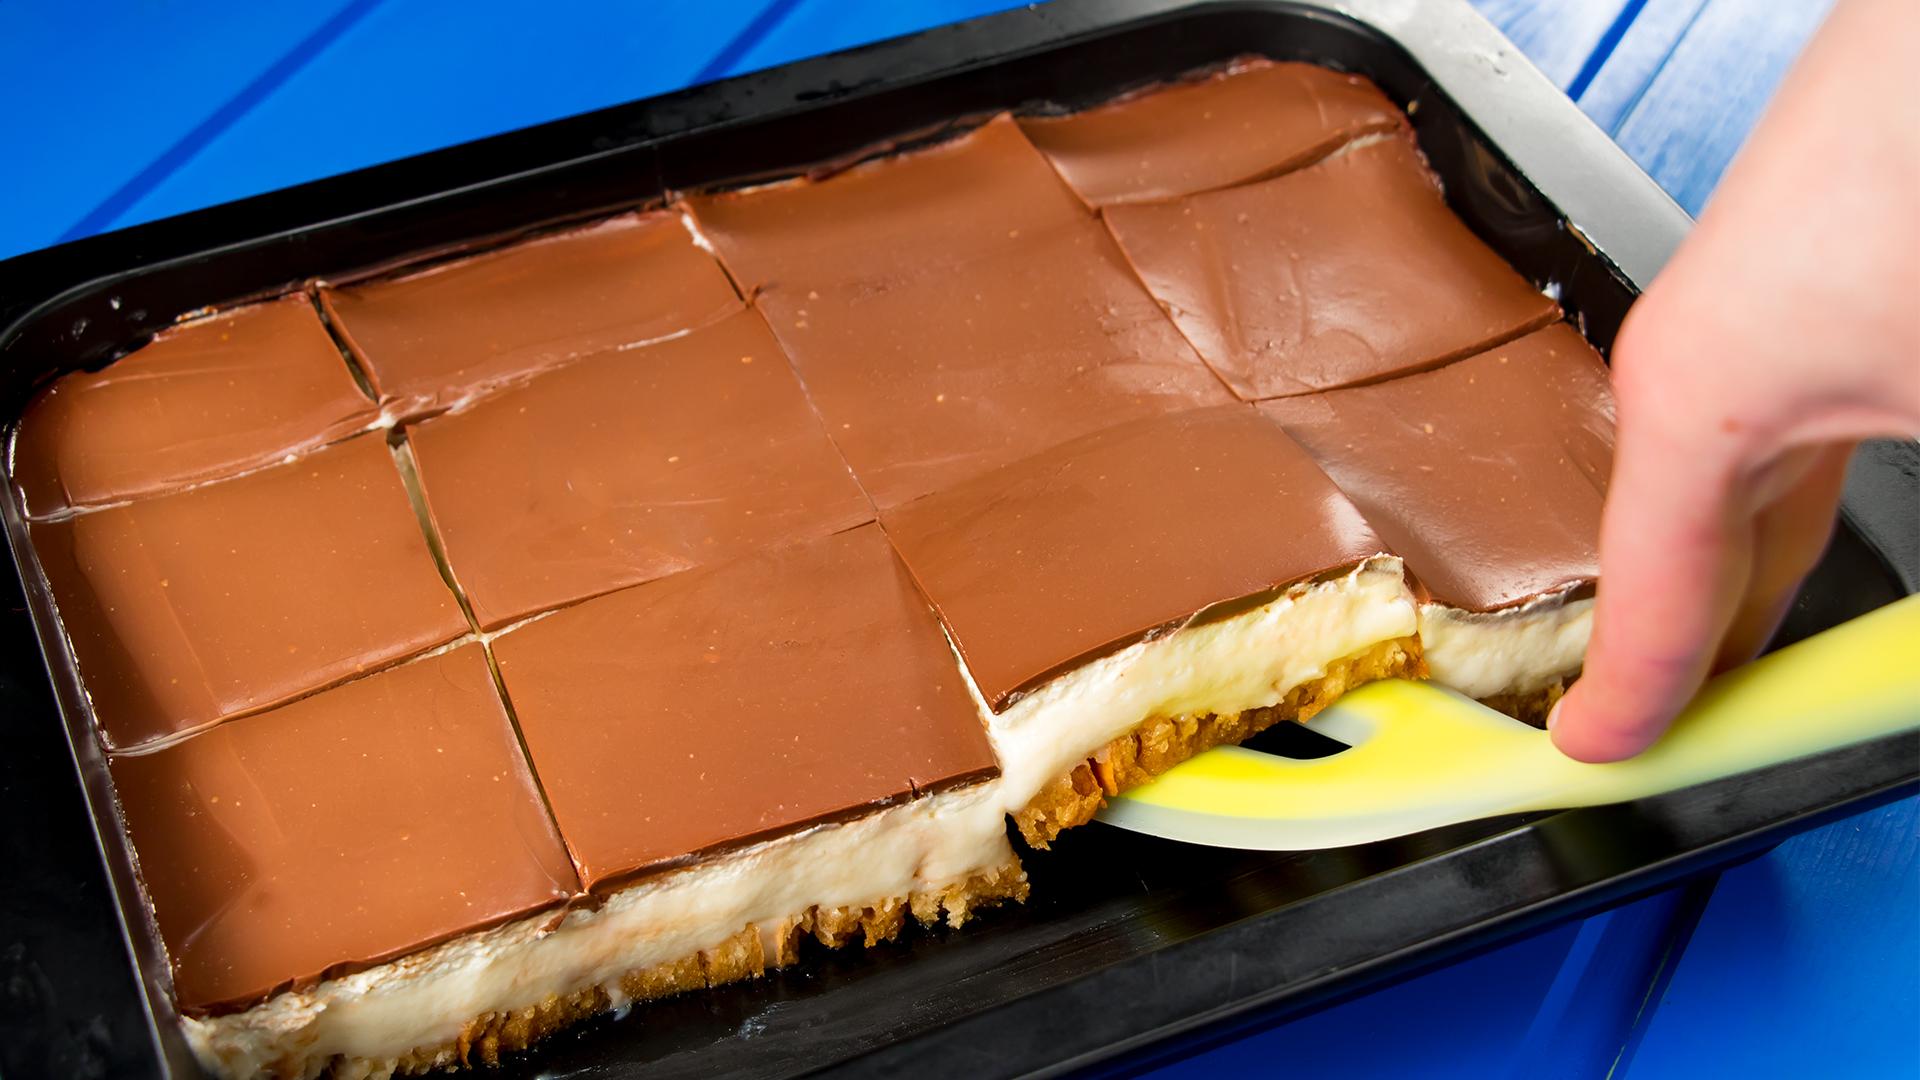 Prăjitură fără coacere cu pesmeți și cremă fină, care se topește în gură